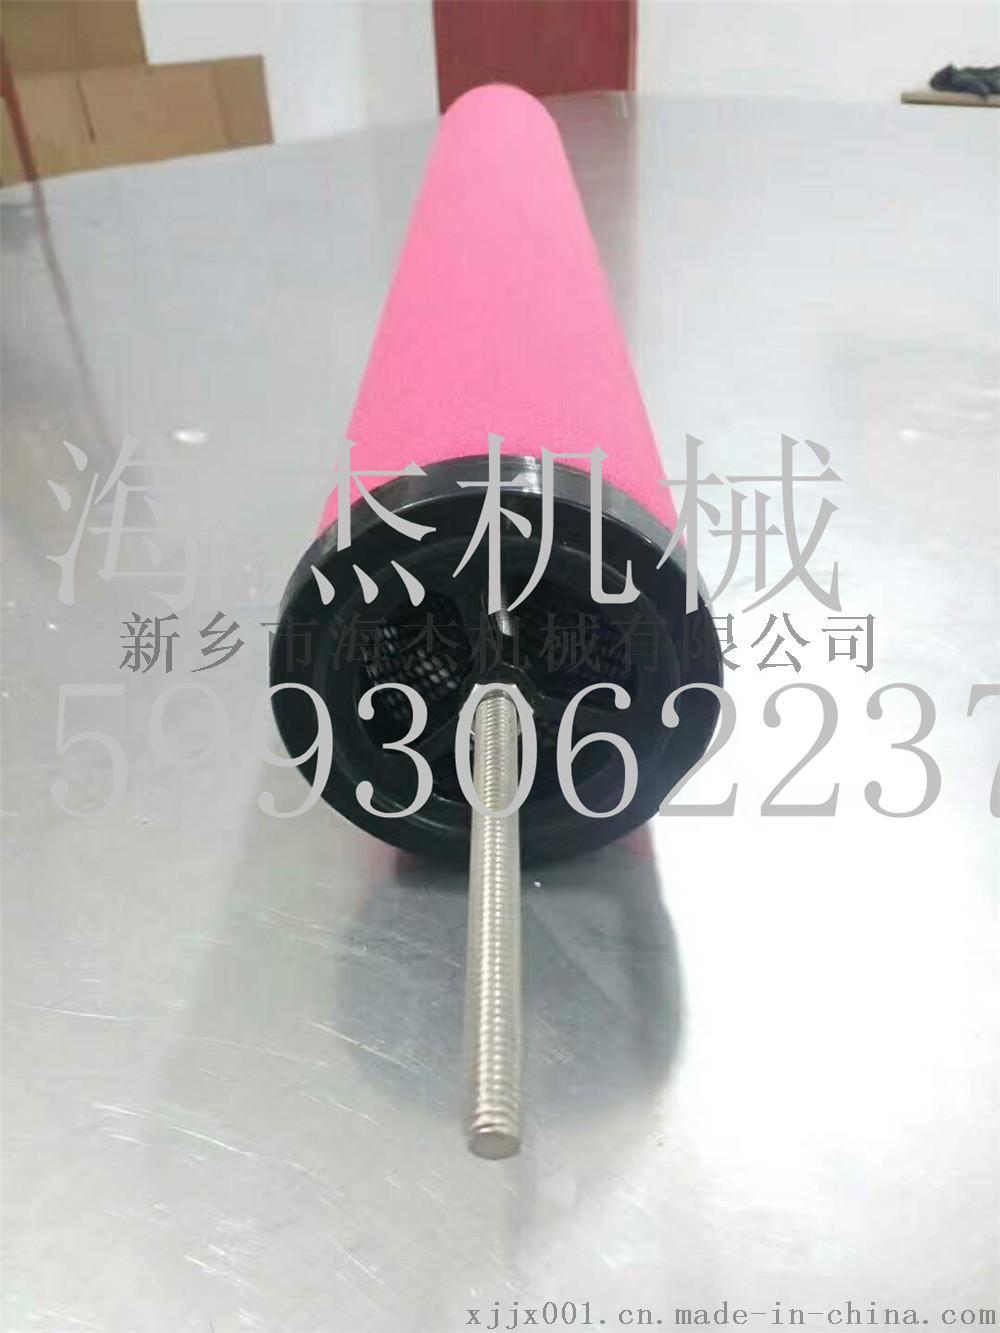 玛勒PI25004DNSMX25磨煤机滤芯39619912